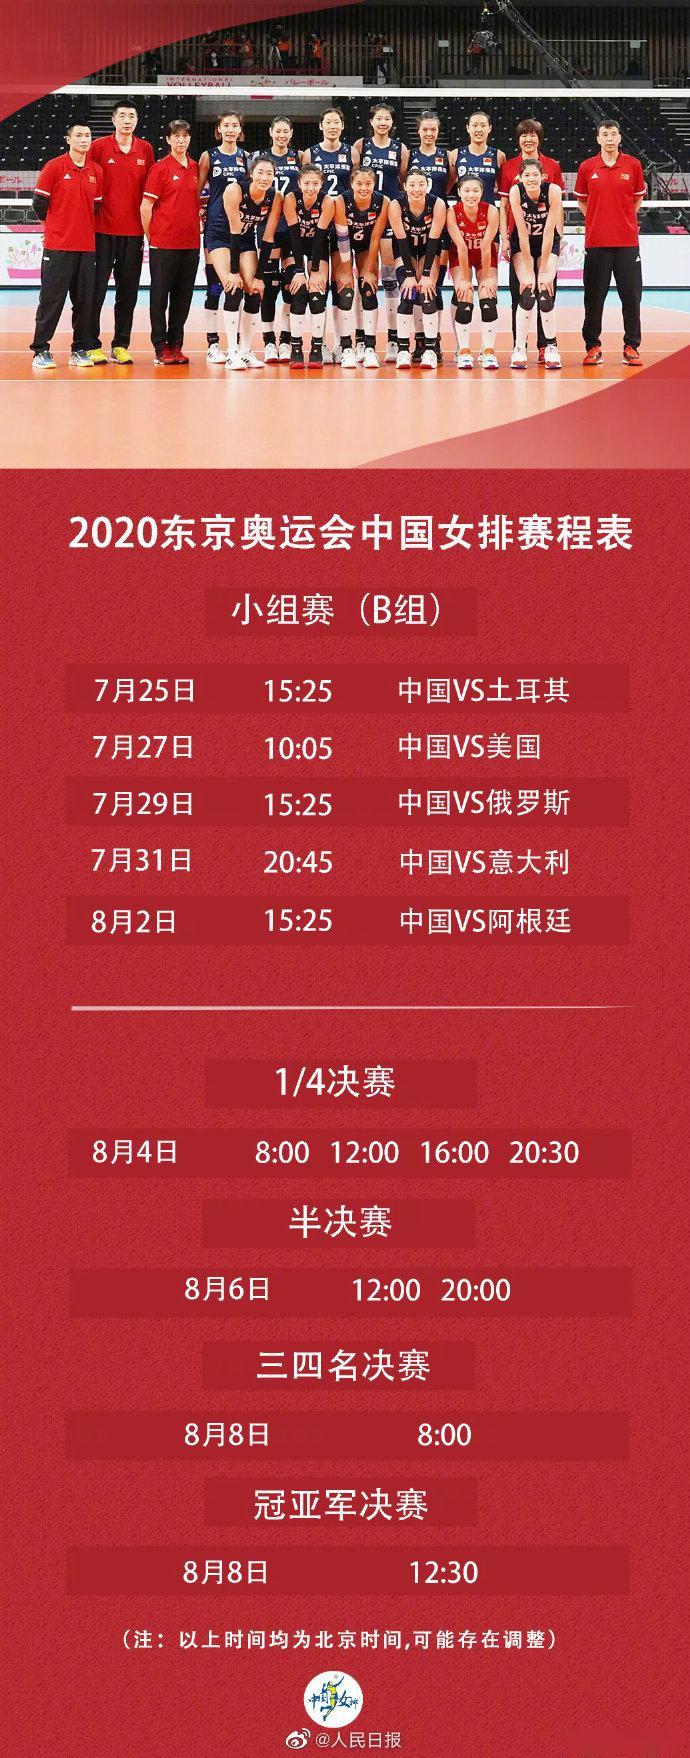 东京奥运会中国女排赛程表发布 首战对阵土耳其队